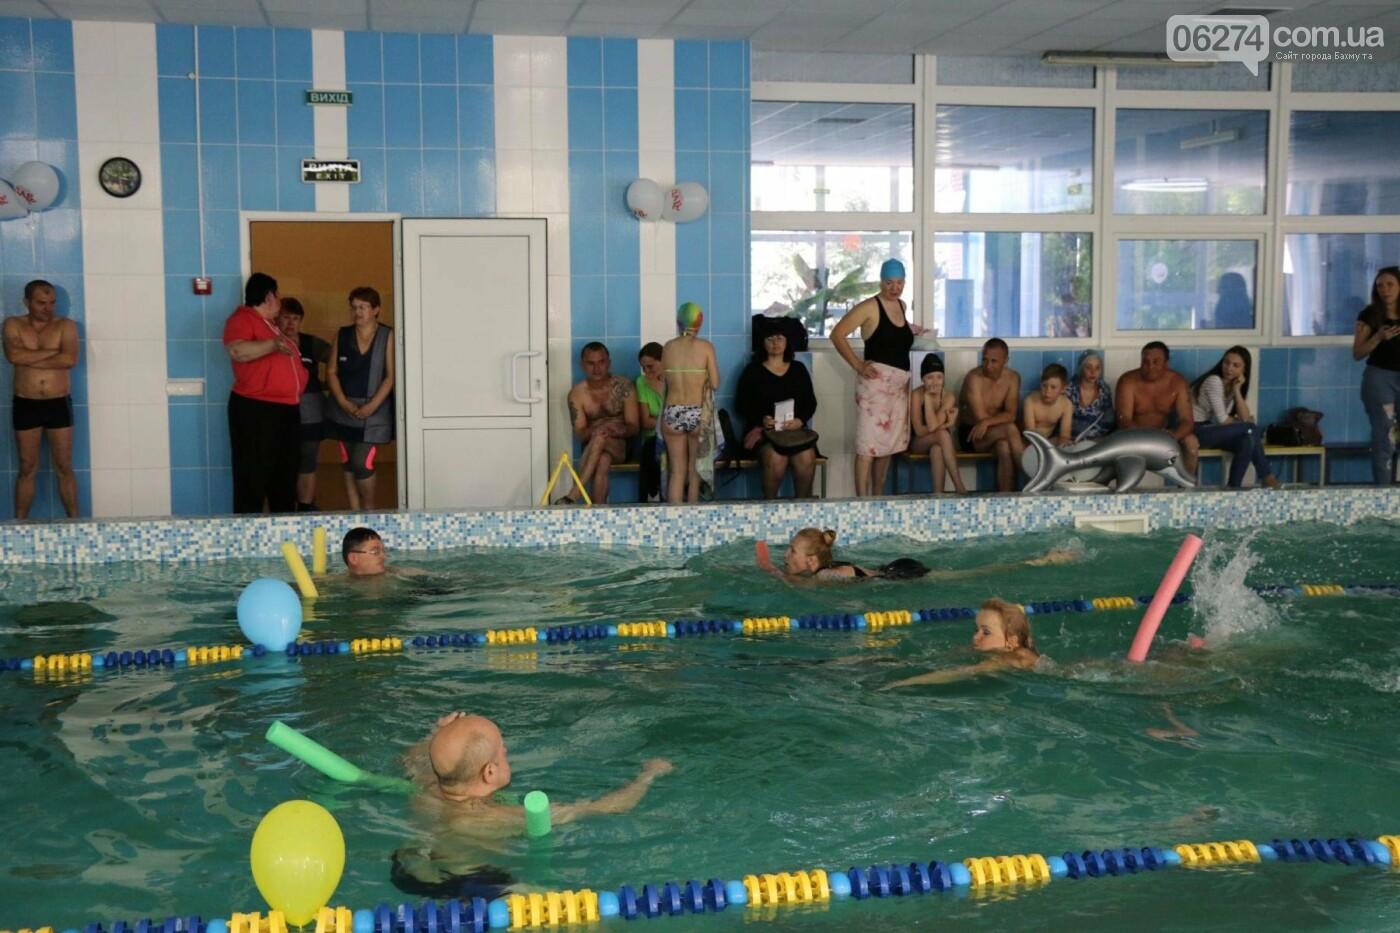 В Бахмуте ко Дню матери и Дню семьи провели семейный заплыв, фото-19